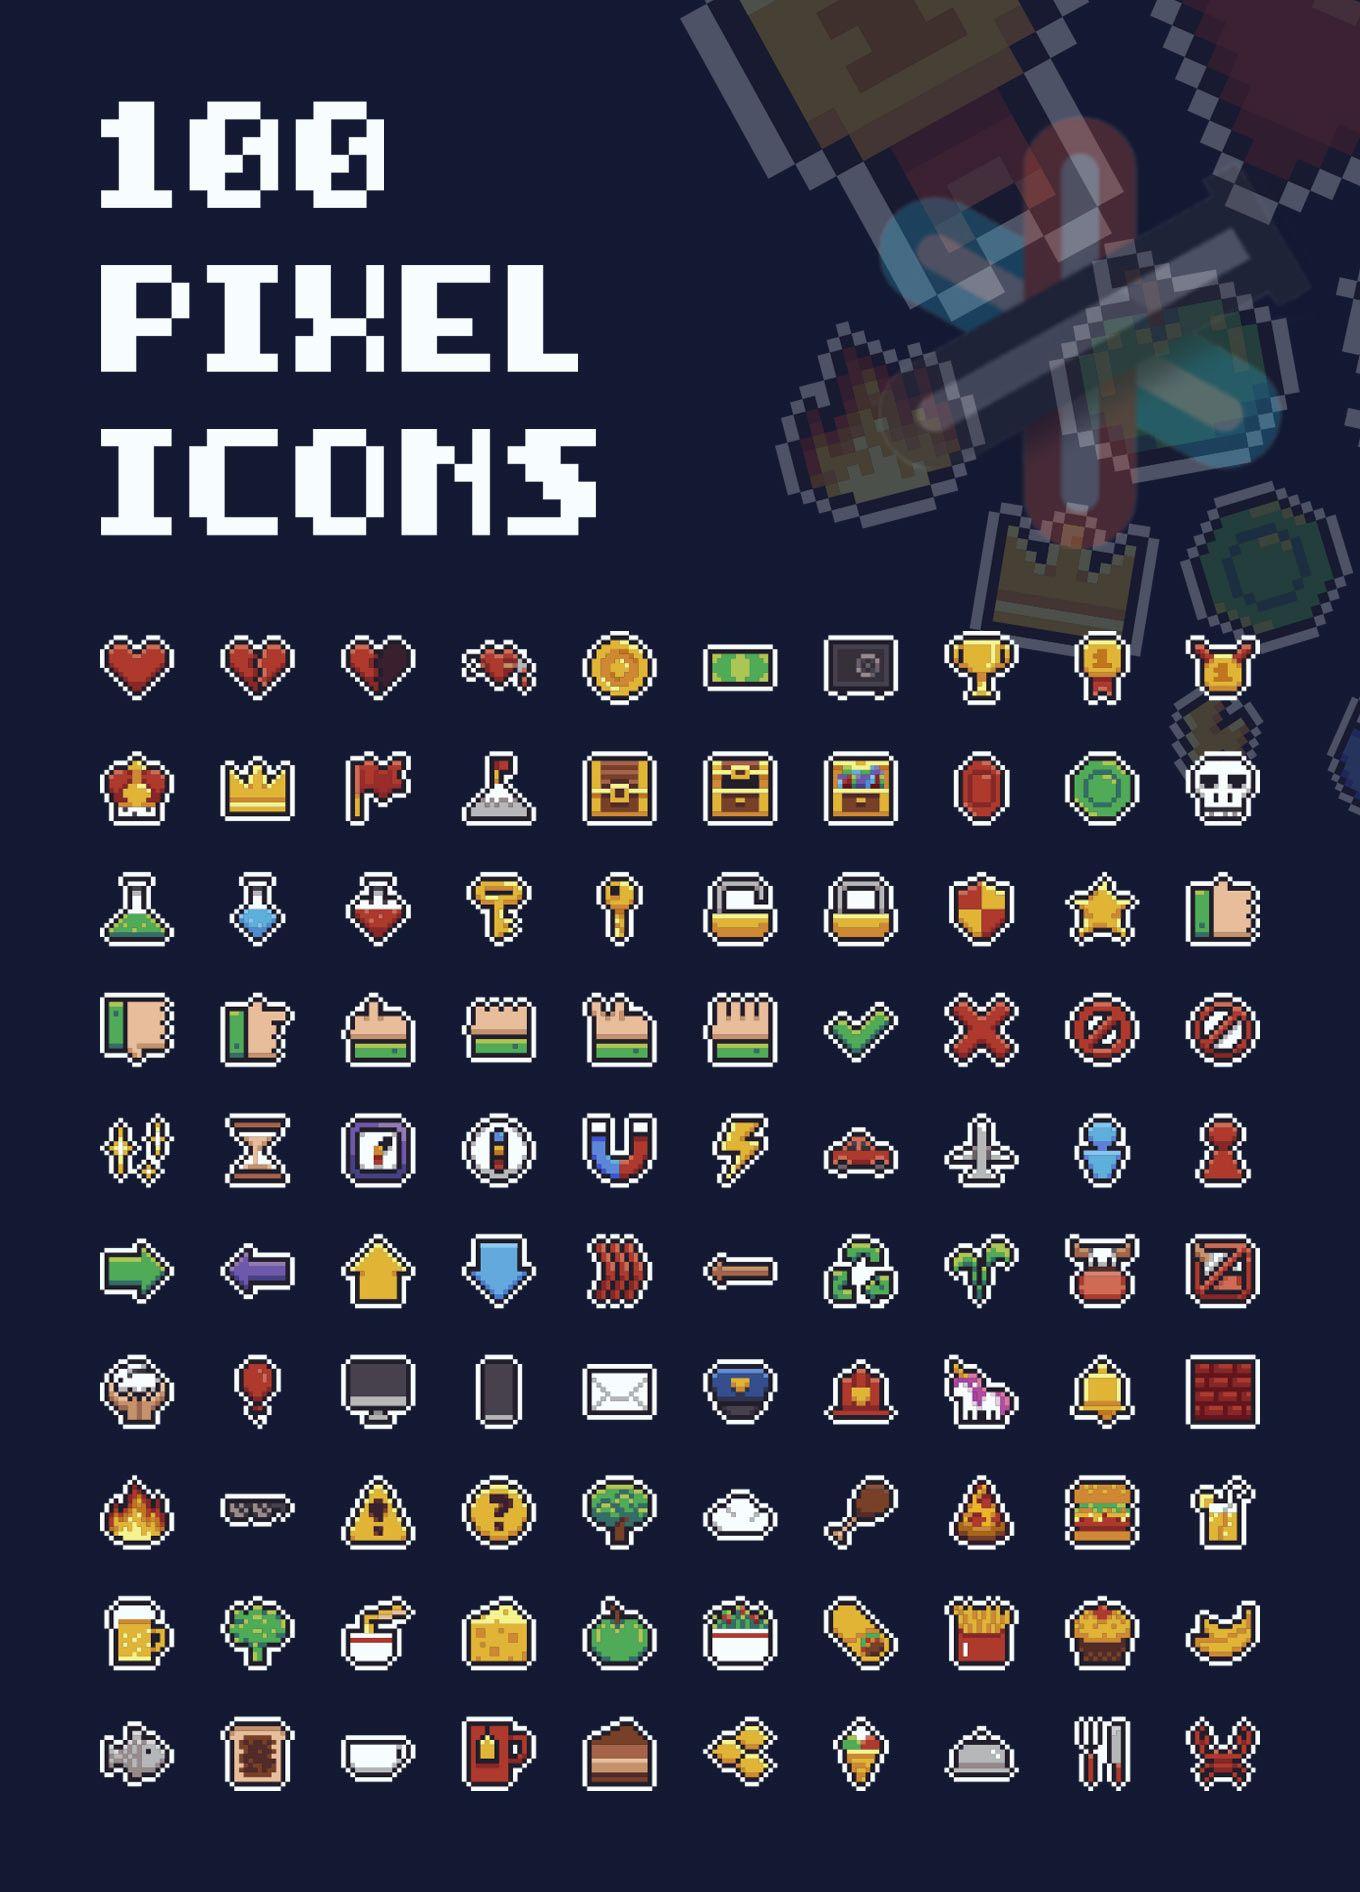 مجموعه آیکون های پیکسلی بازی ماریو 1